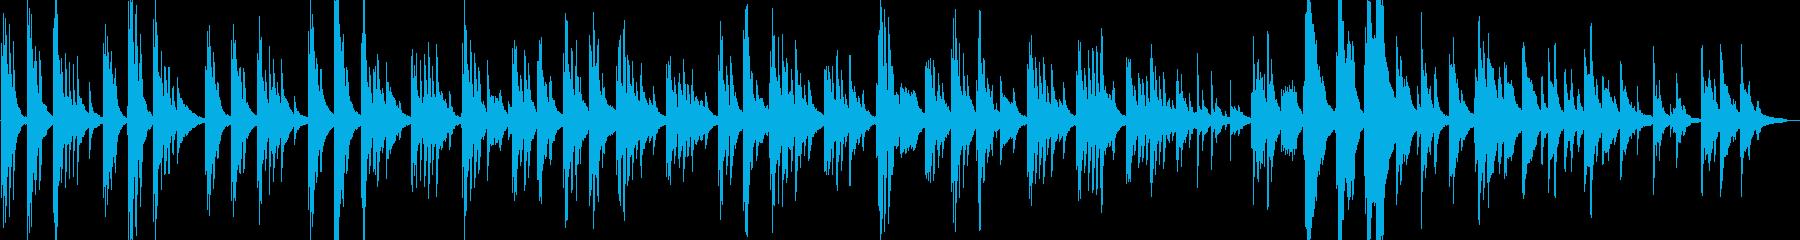 美しい消えそうなスローなピアノの曲の再生済みの波形